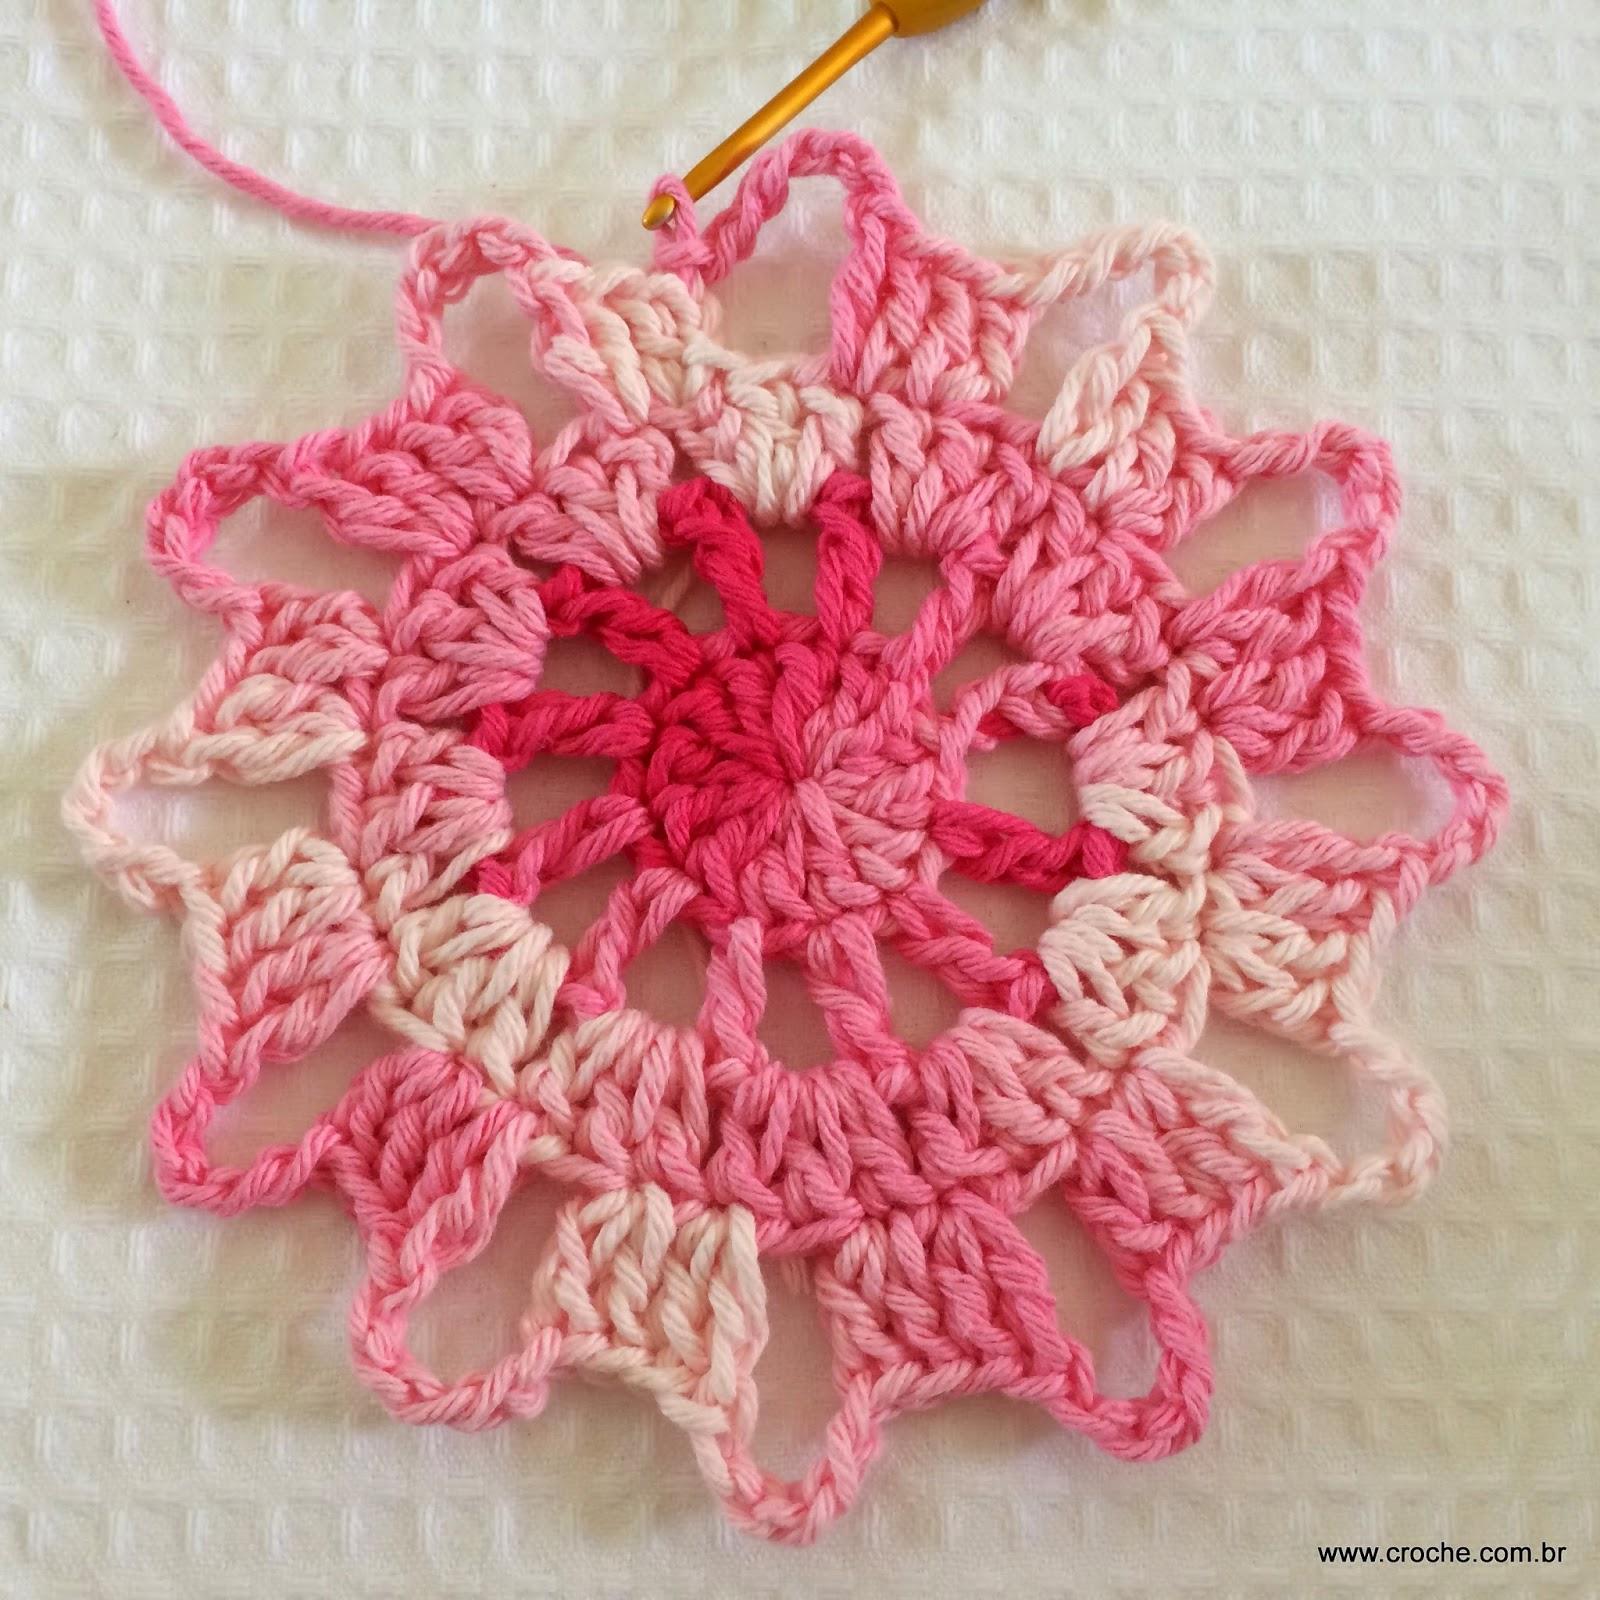 Flor Em Croch Para Cortina Passo A Passo Croche Com Br